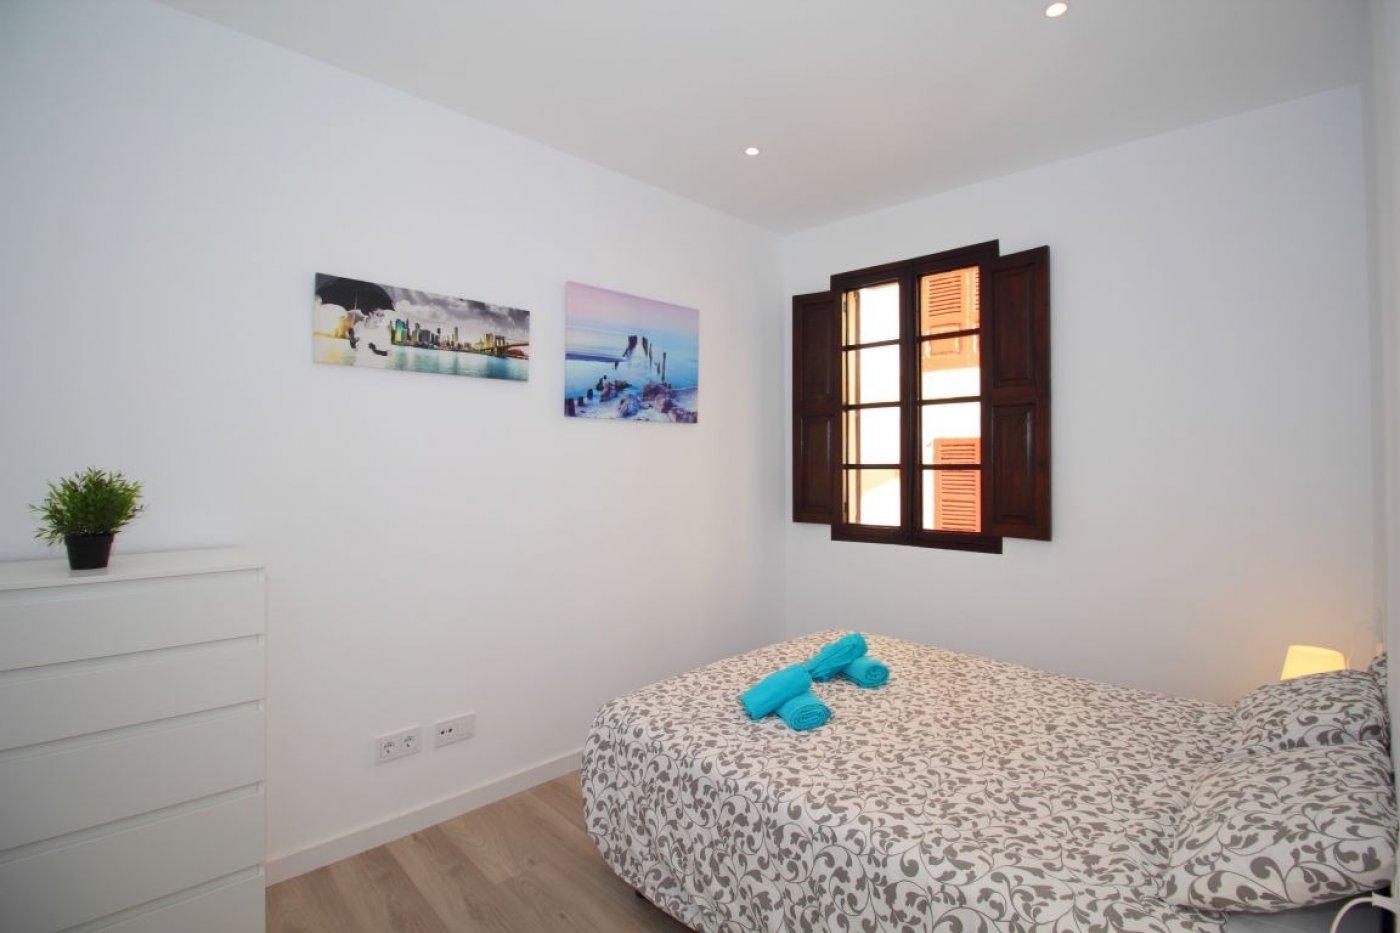 Piso · Palma De Mallorca · Centro 825€ MES€